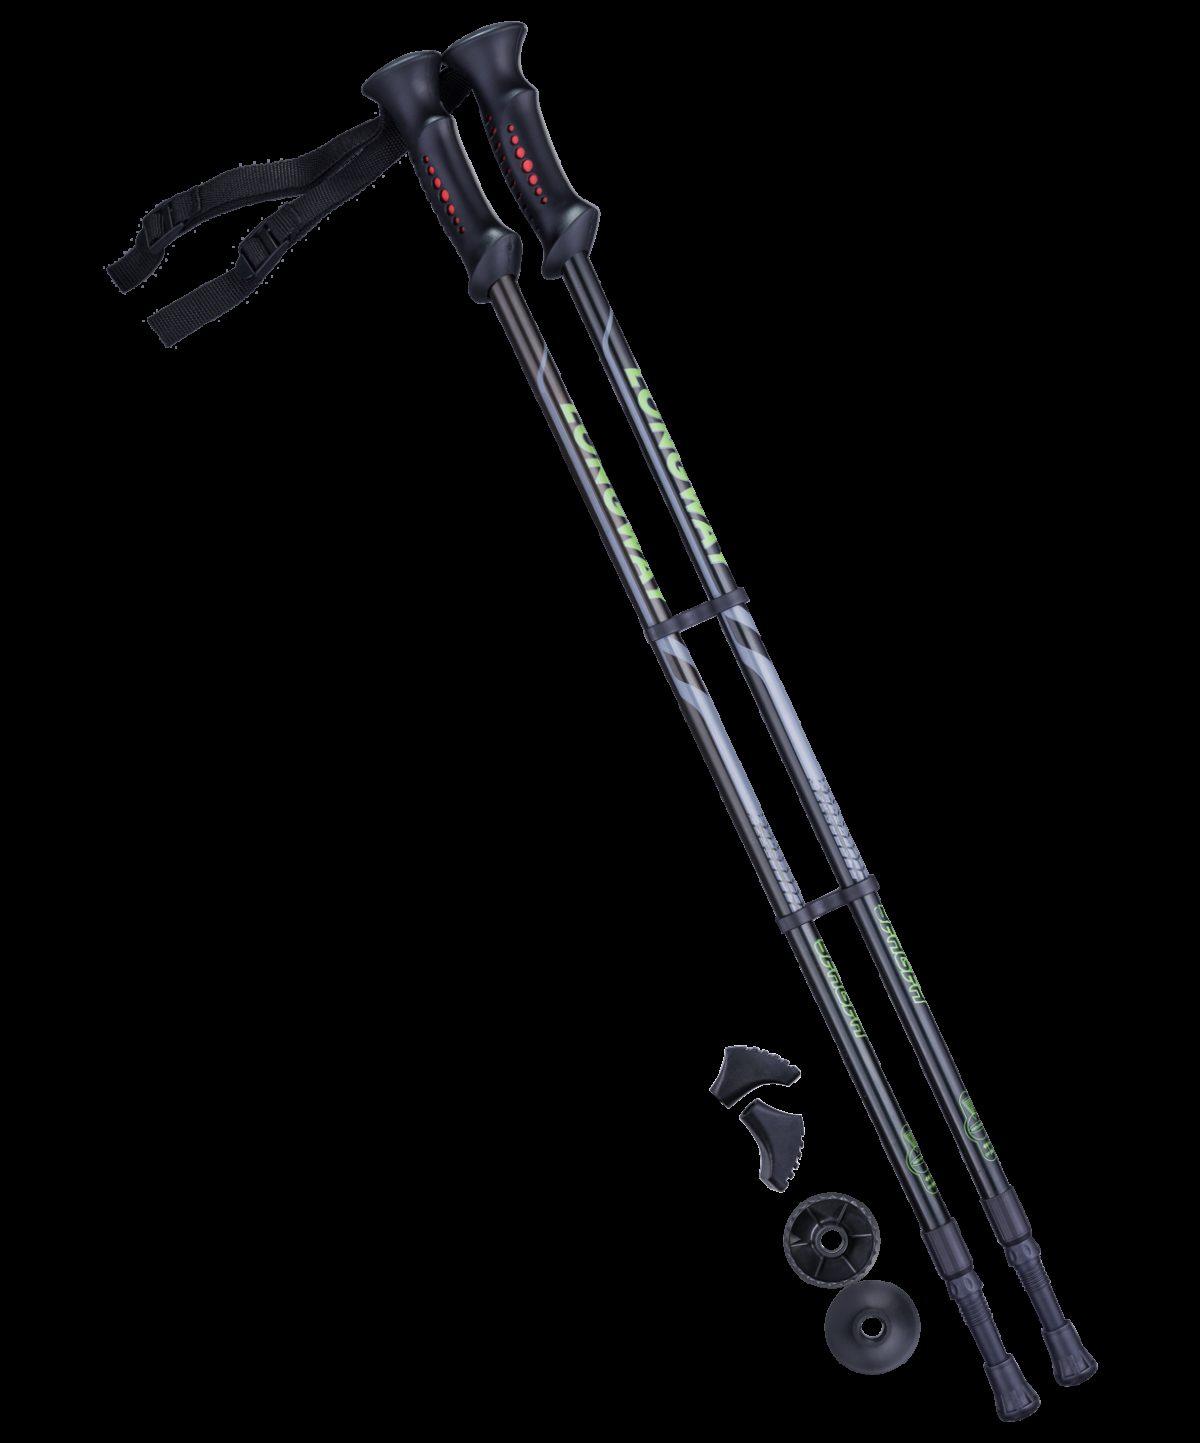 BERGER Longway Палки для скандинавской ходьбы  77-135 см.: чёрный/зелёный - 1